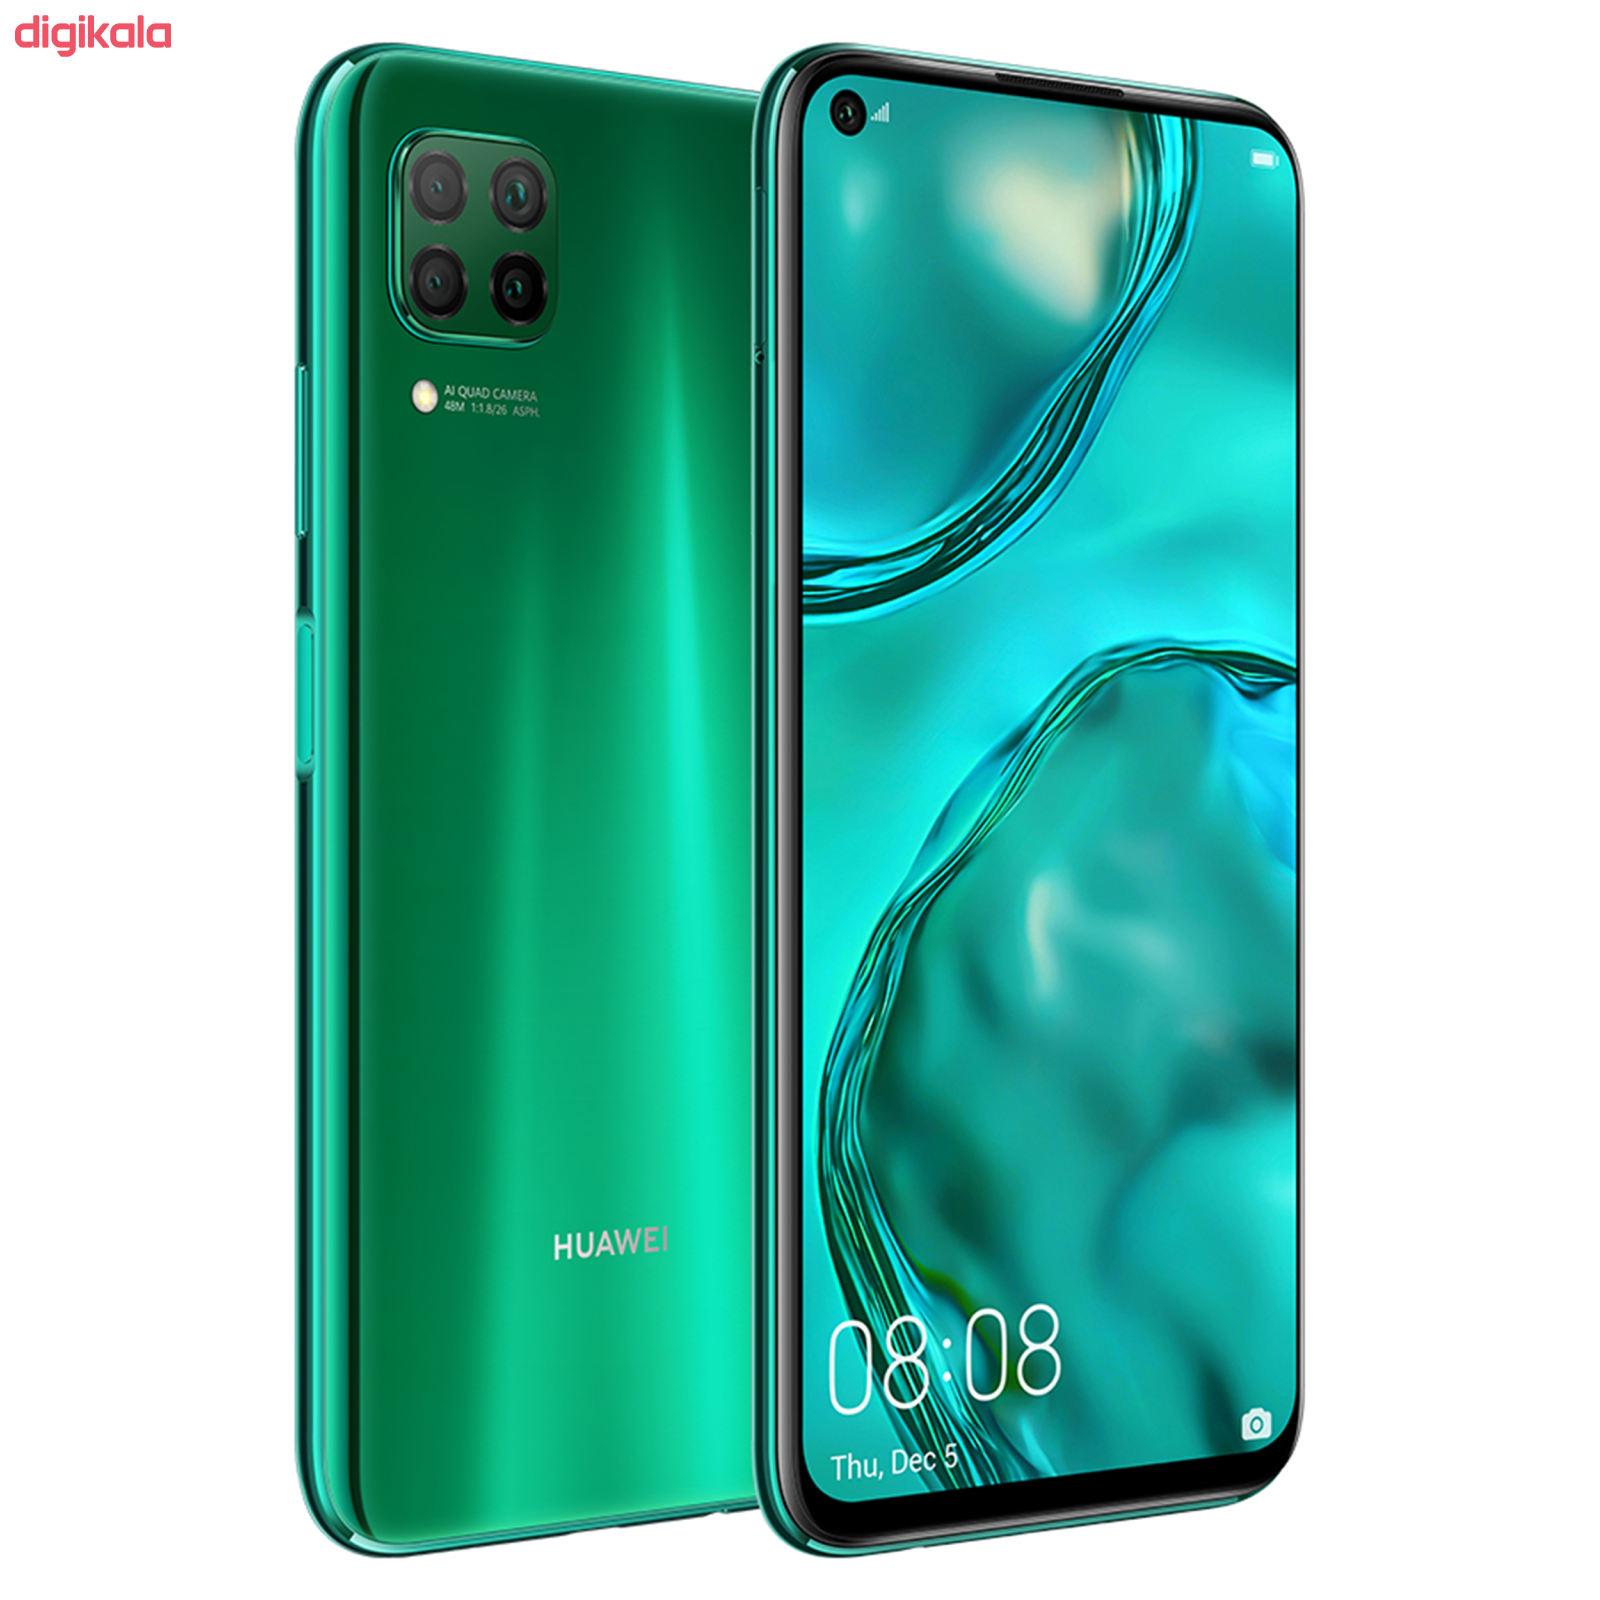 گوشی موبایل هوآوی مدل Nova 7i JNY-LX1 دو سیم کارت ظرفیت 128 گیگابایت main 1 10